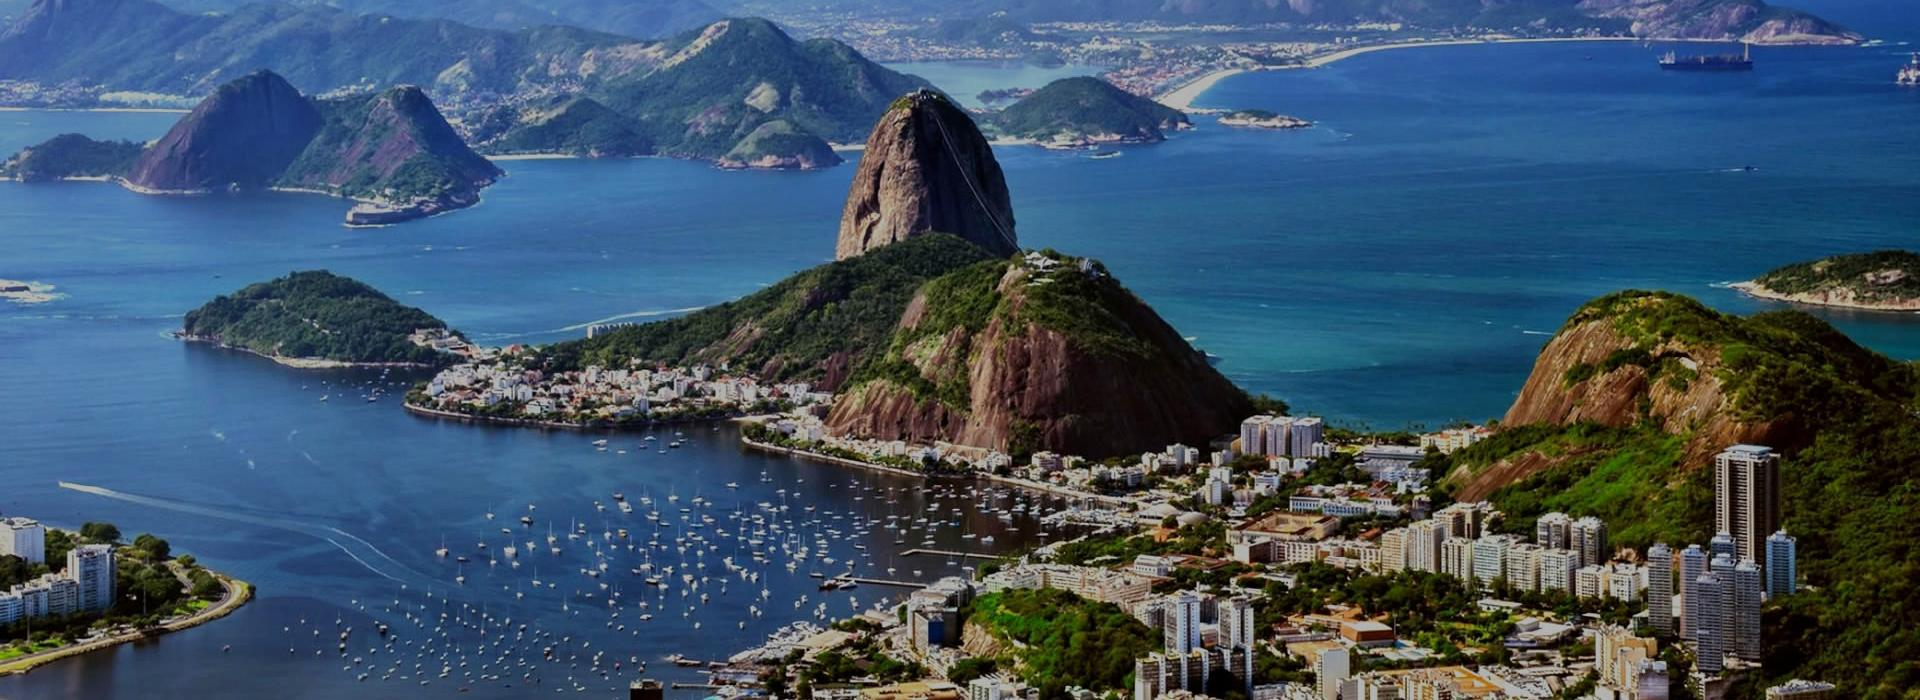 Viagem para Rio de Janeiro - ViajeTRP